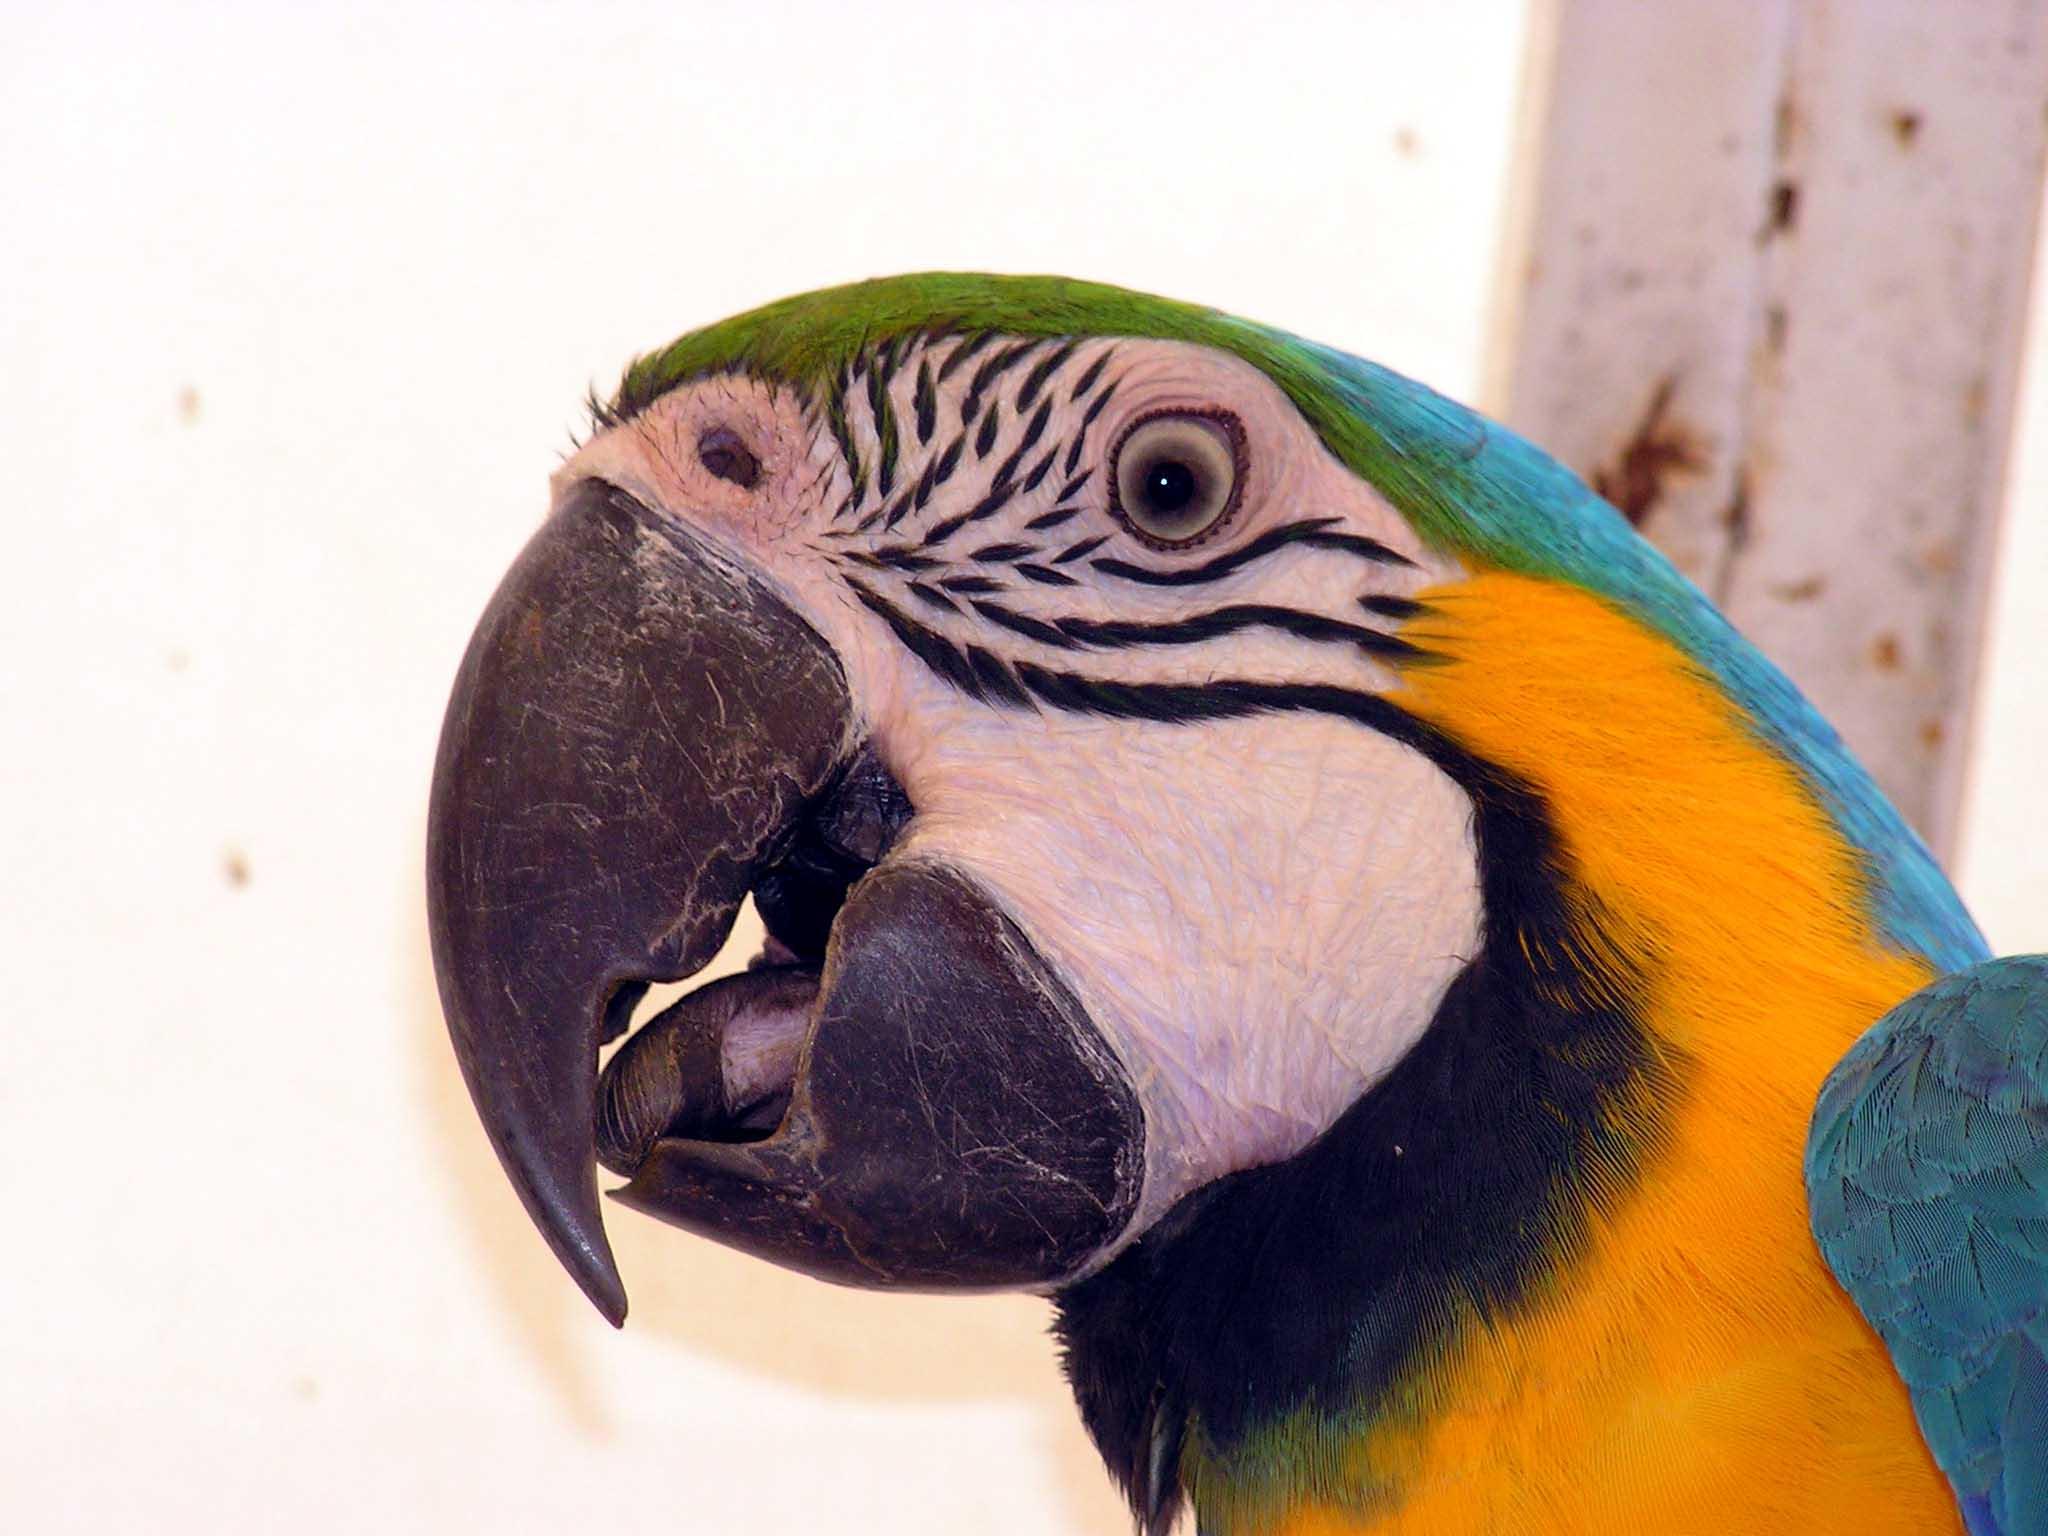 Текущее время: 07 янв 2013, 02:12 Больной попугай: Что делать, если попугай болеет.